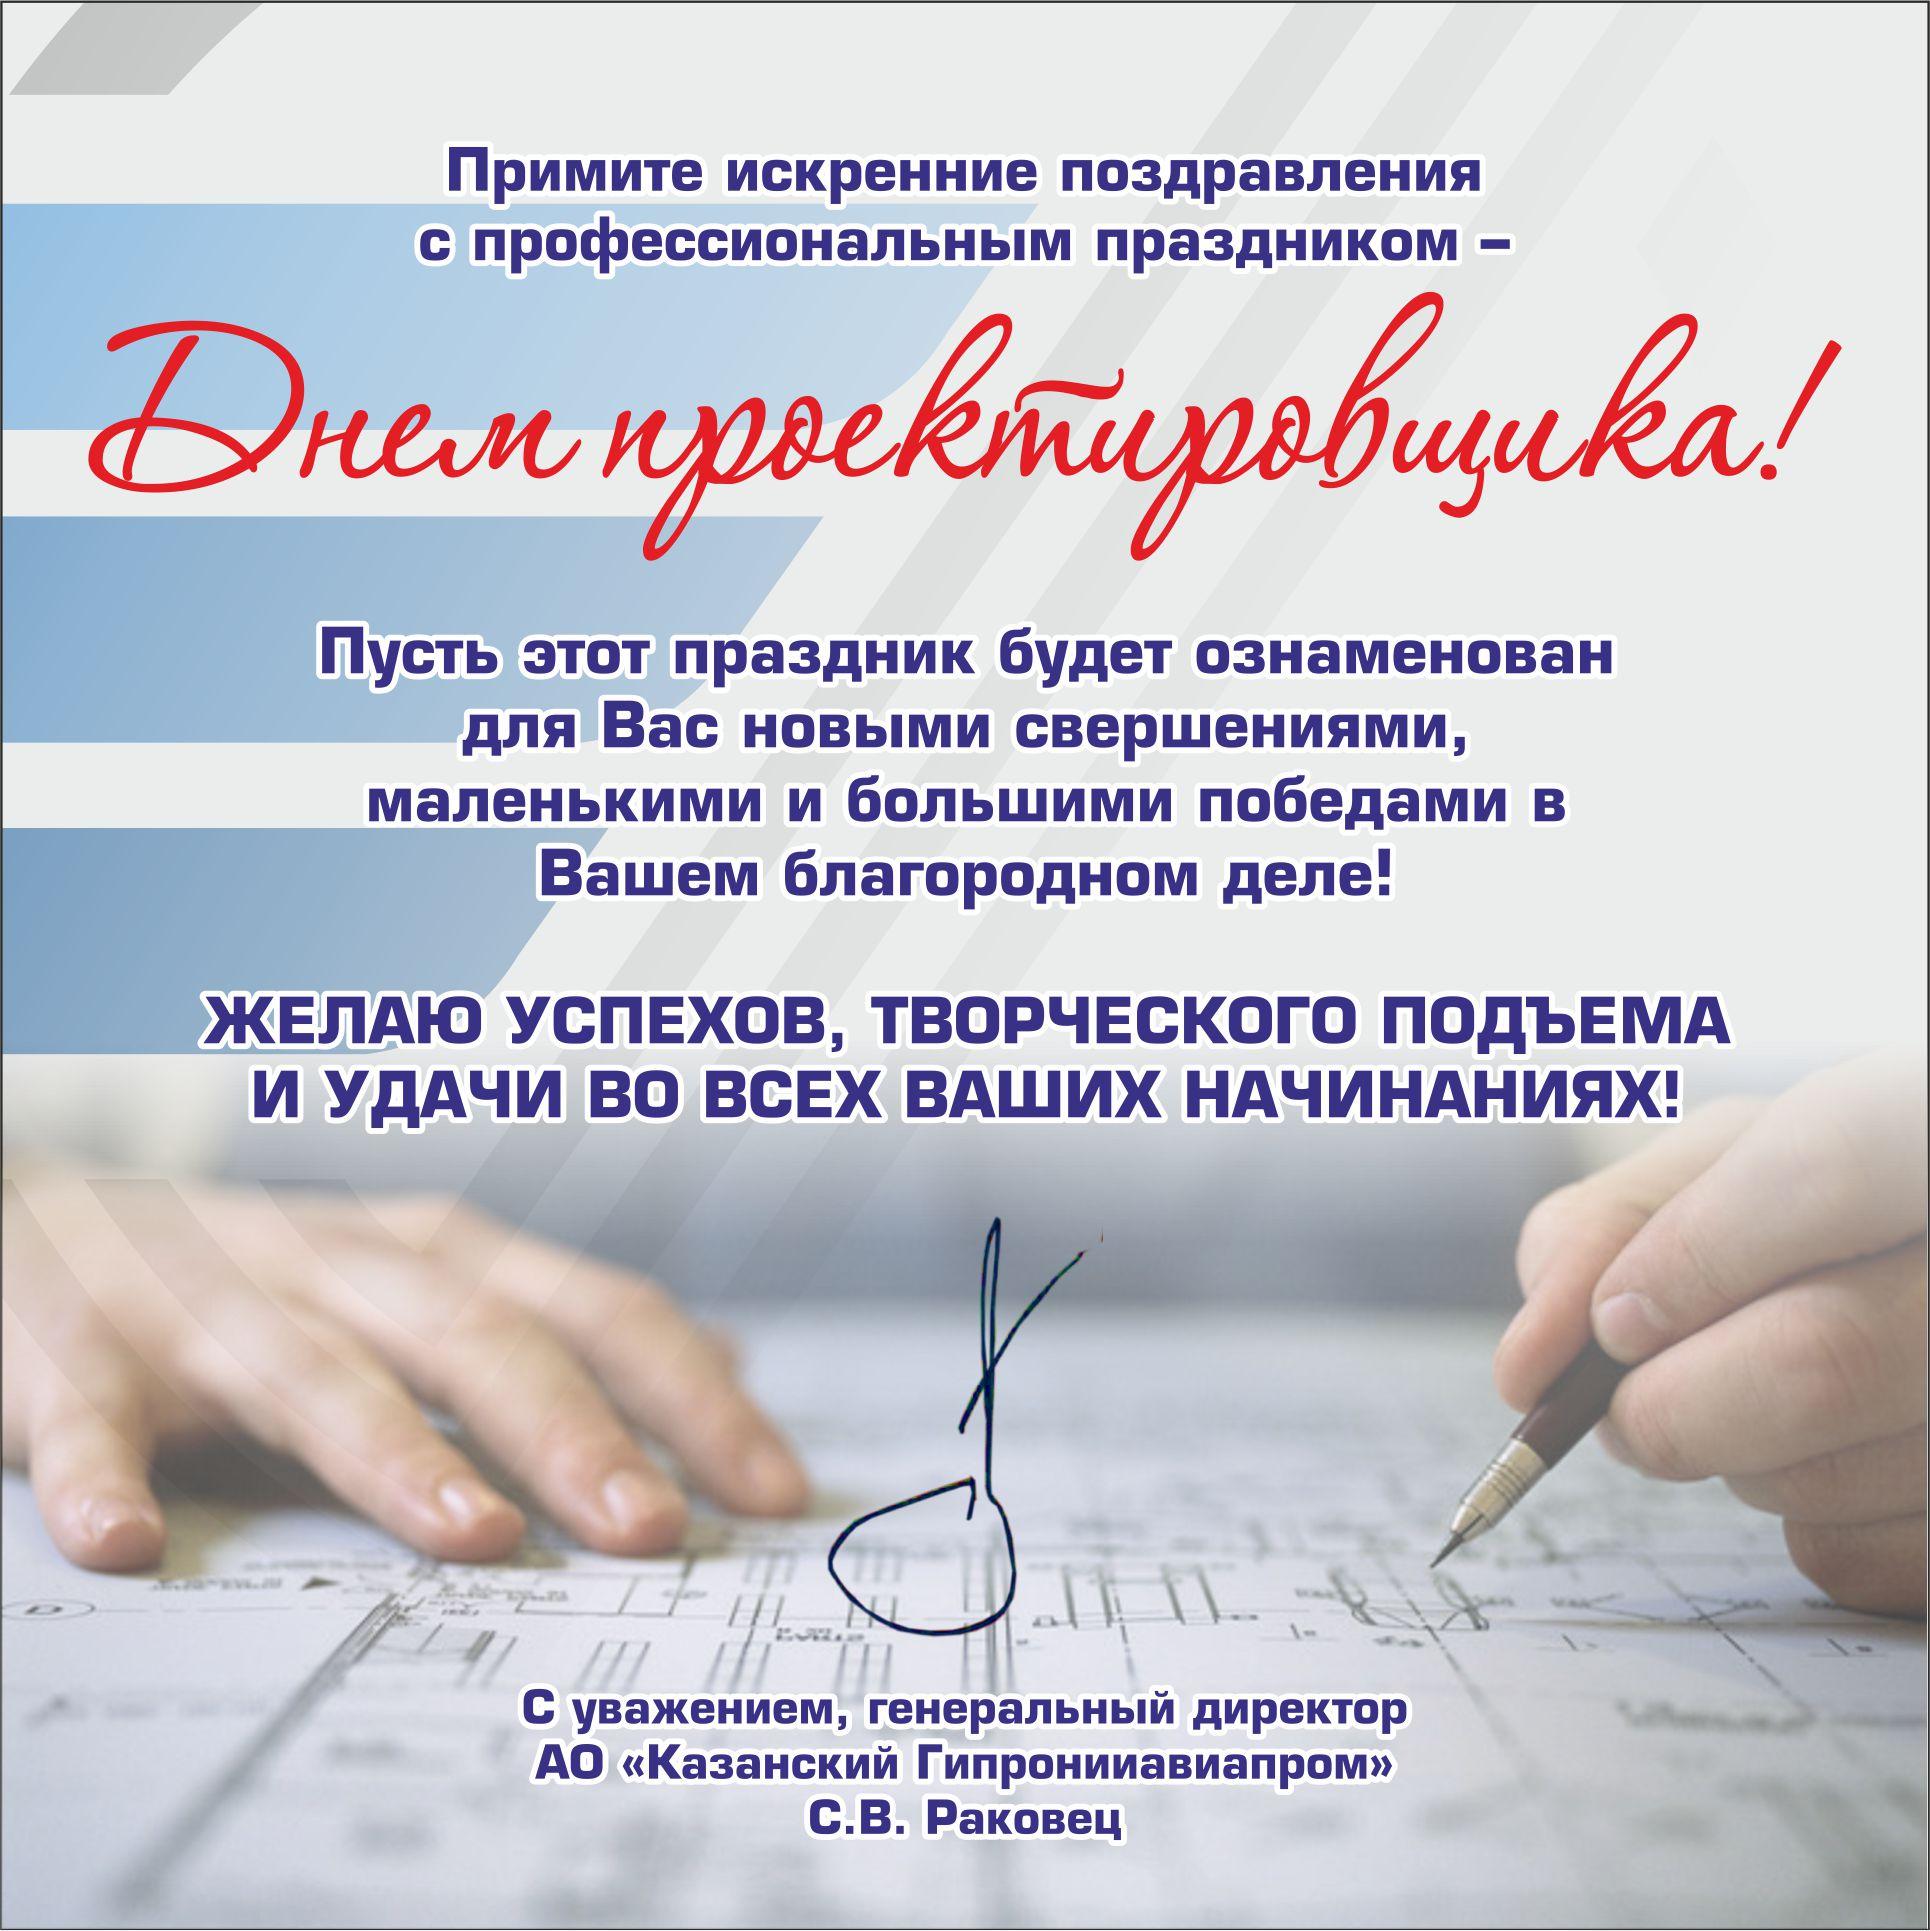 Всероссийский день проектировщика